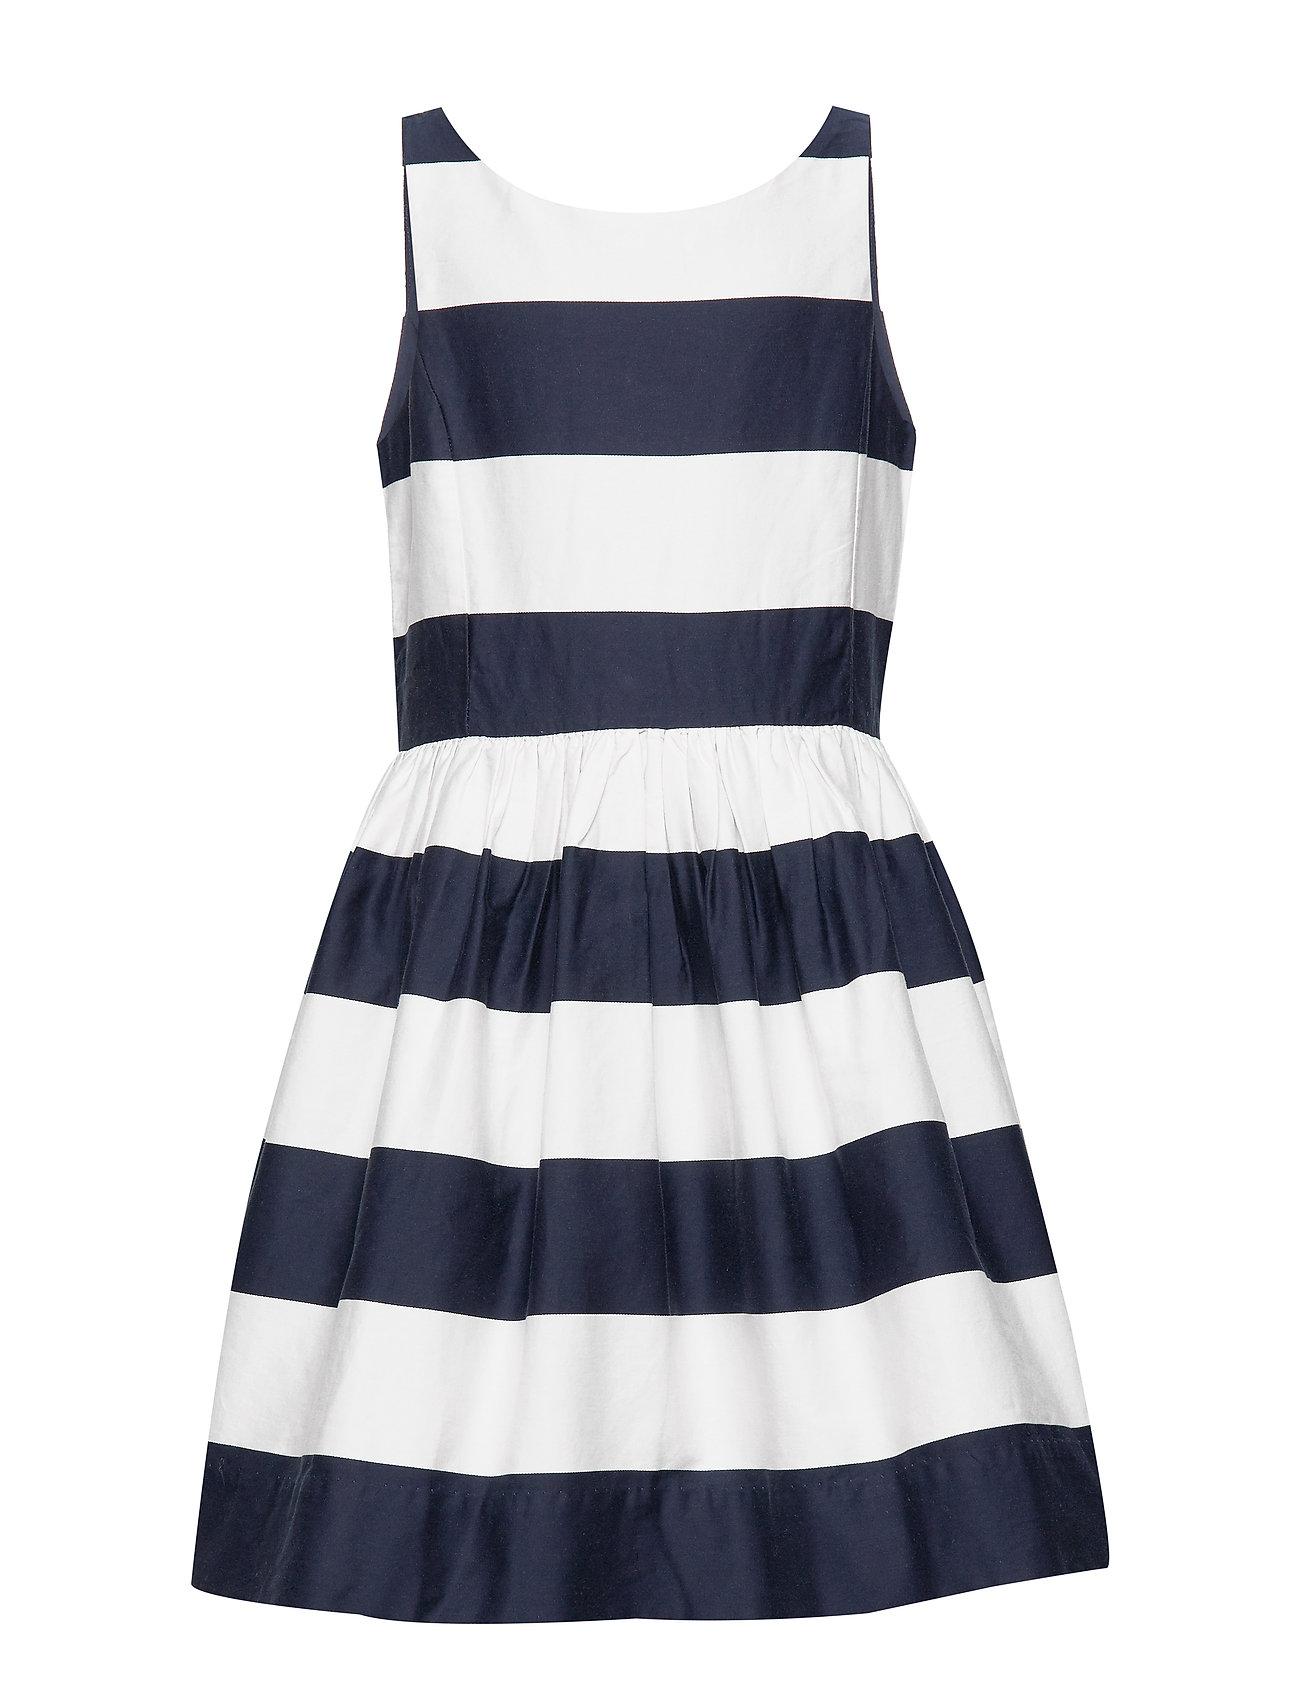 Ralph Lauren Kids Striped Cotton Sateen Dress - HUNTER NAVY/NEVIS